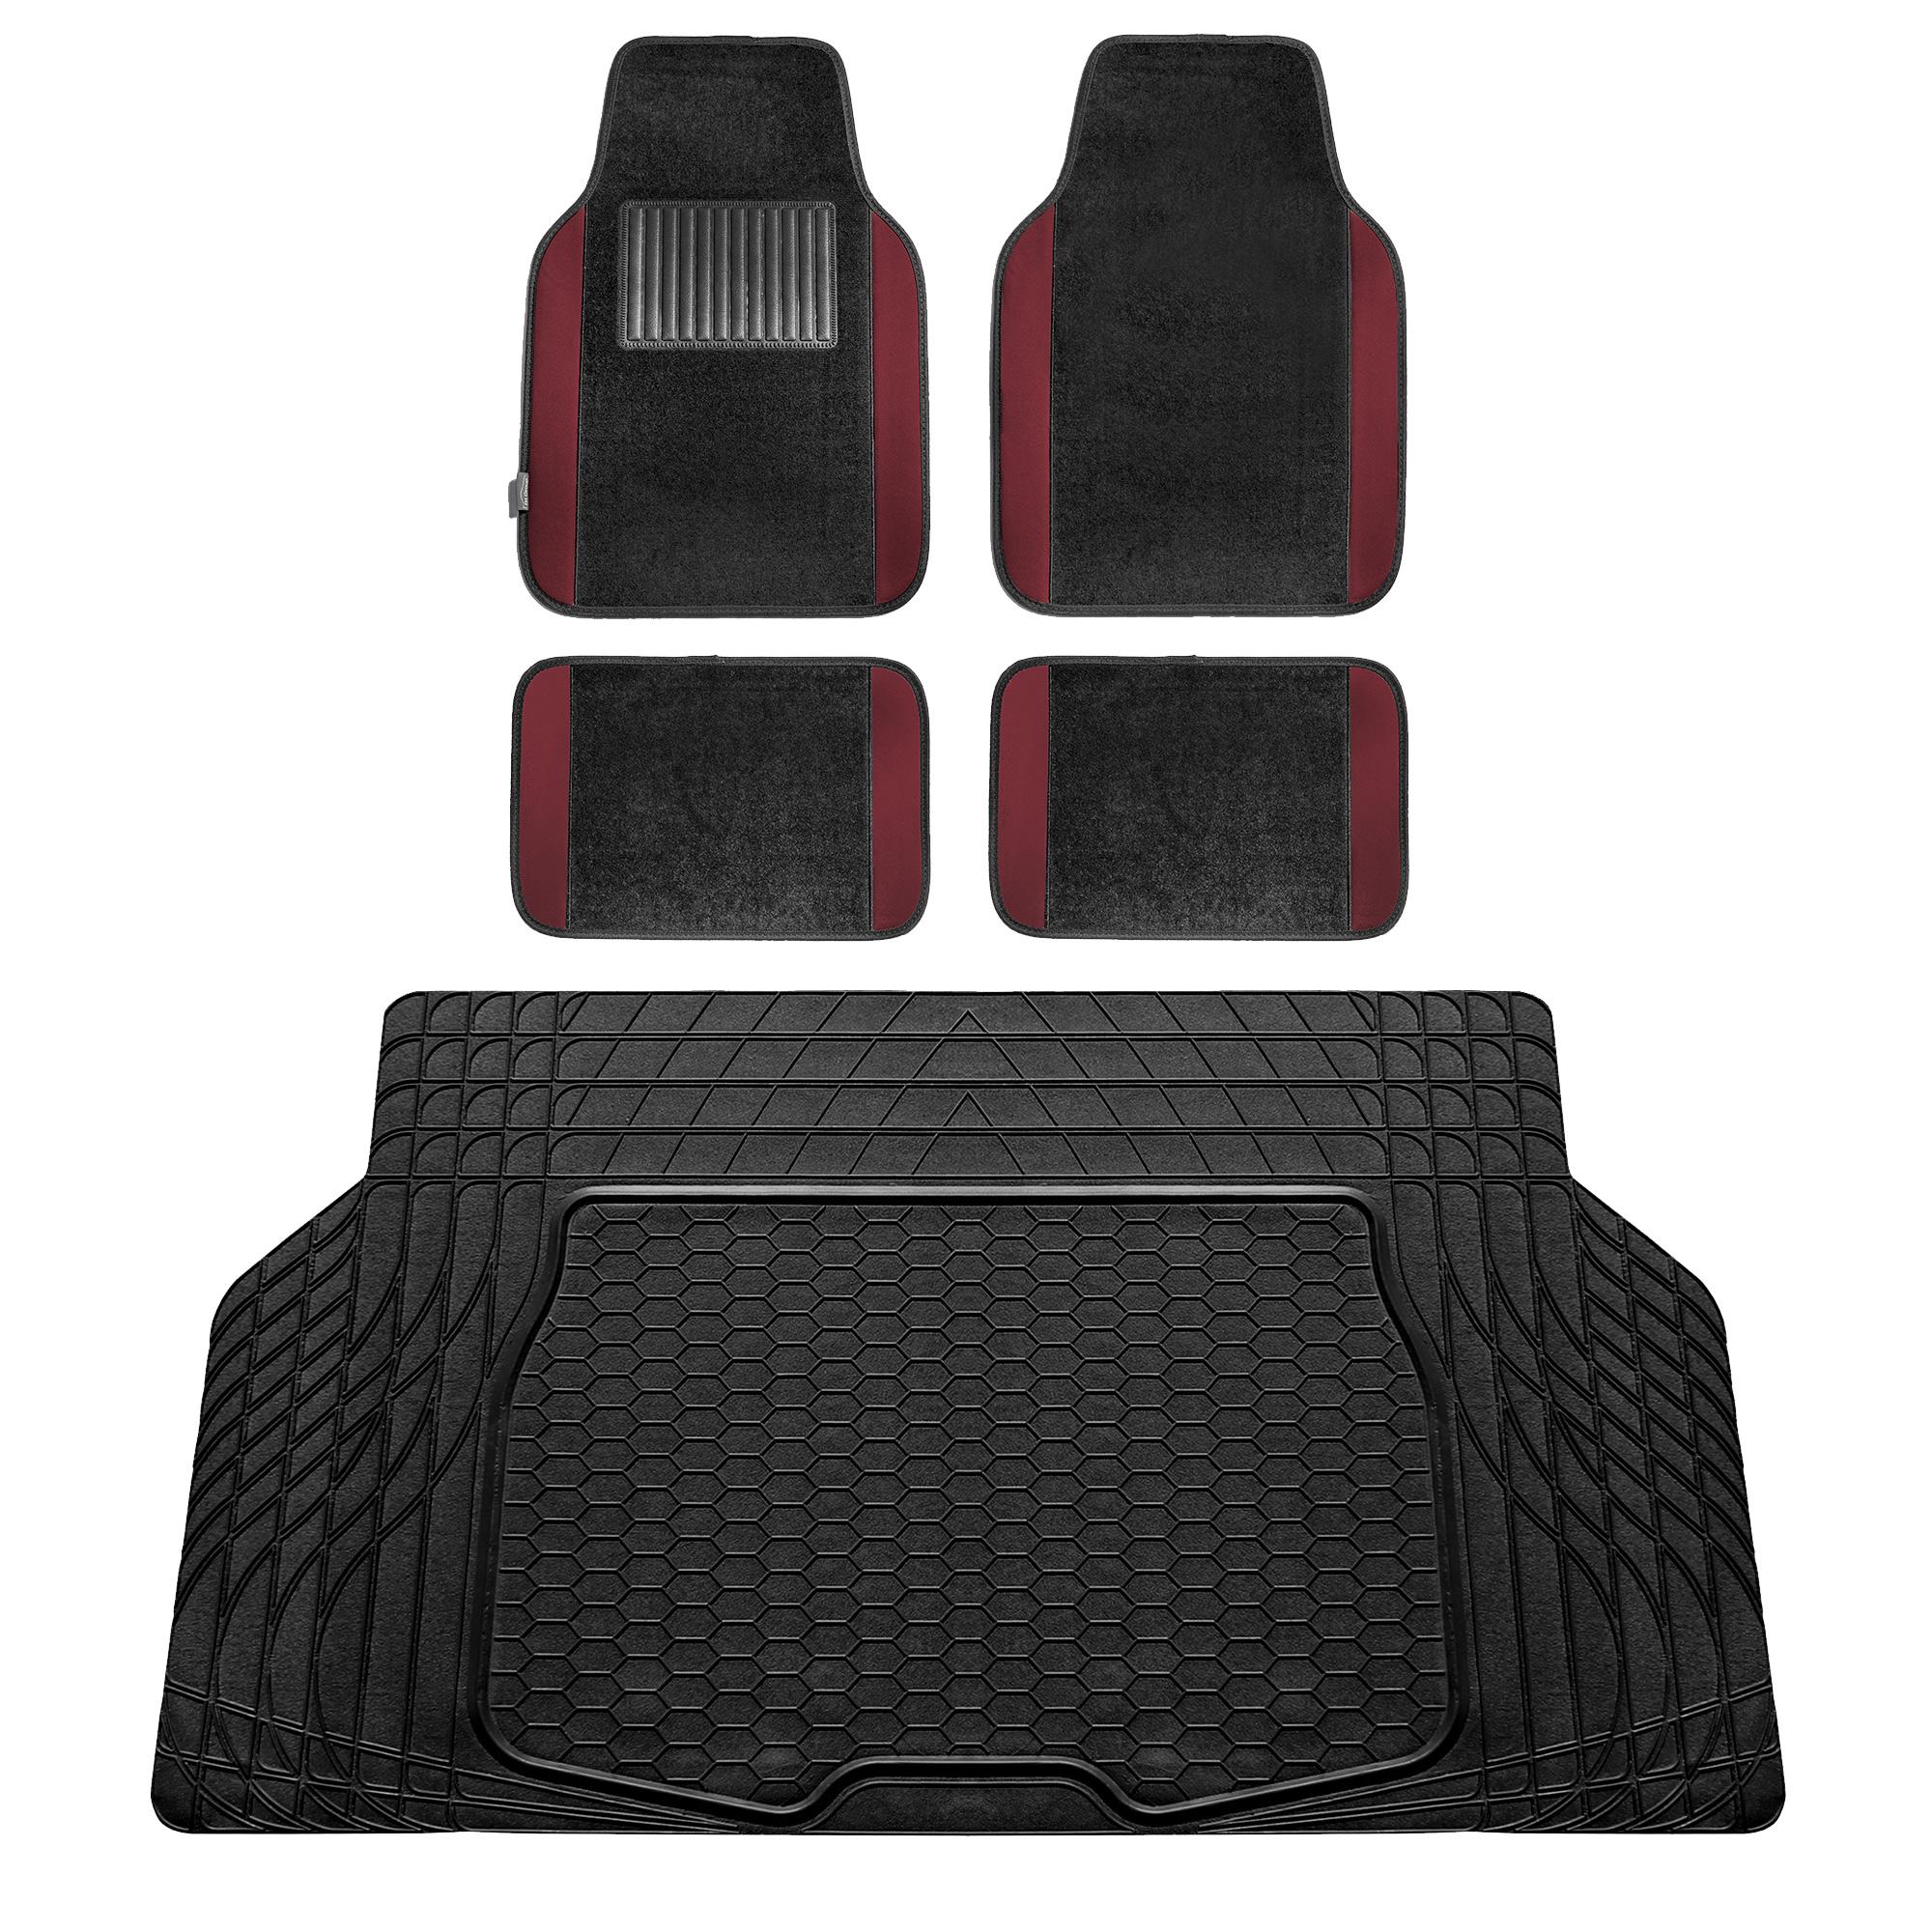 Coverking Custom Fit Front Floor Mats for Select Ranger Models Nylon Carpet Black